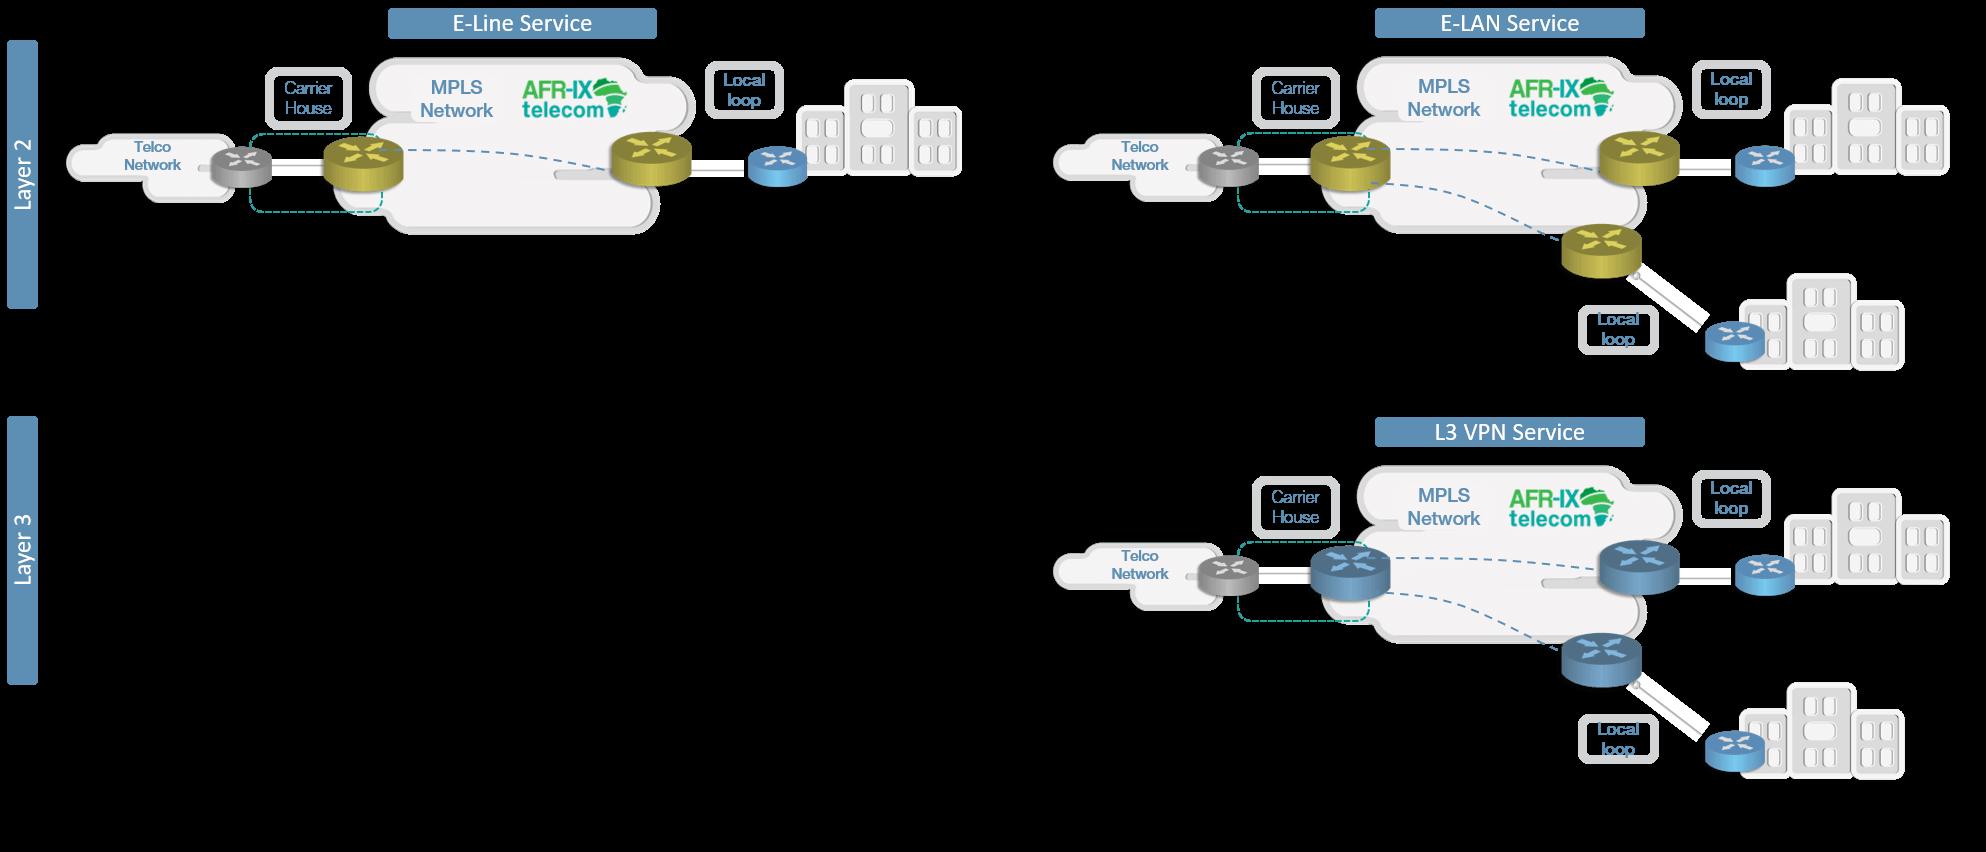 MPLS diagram